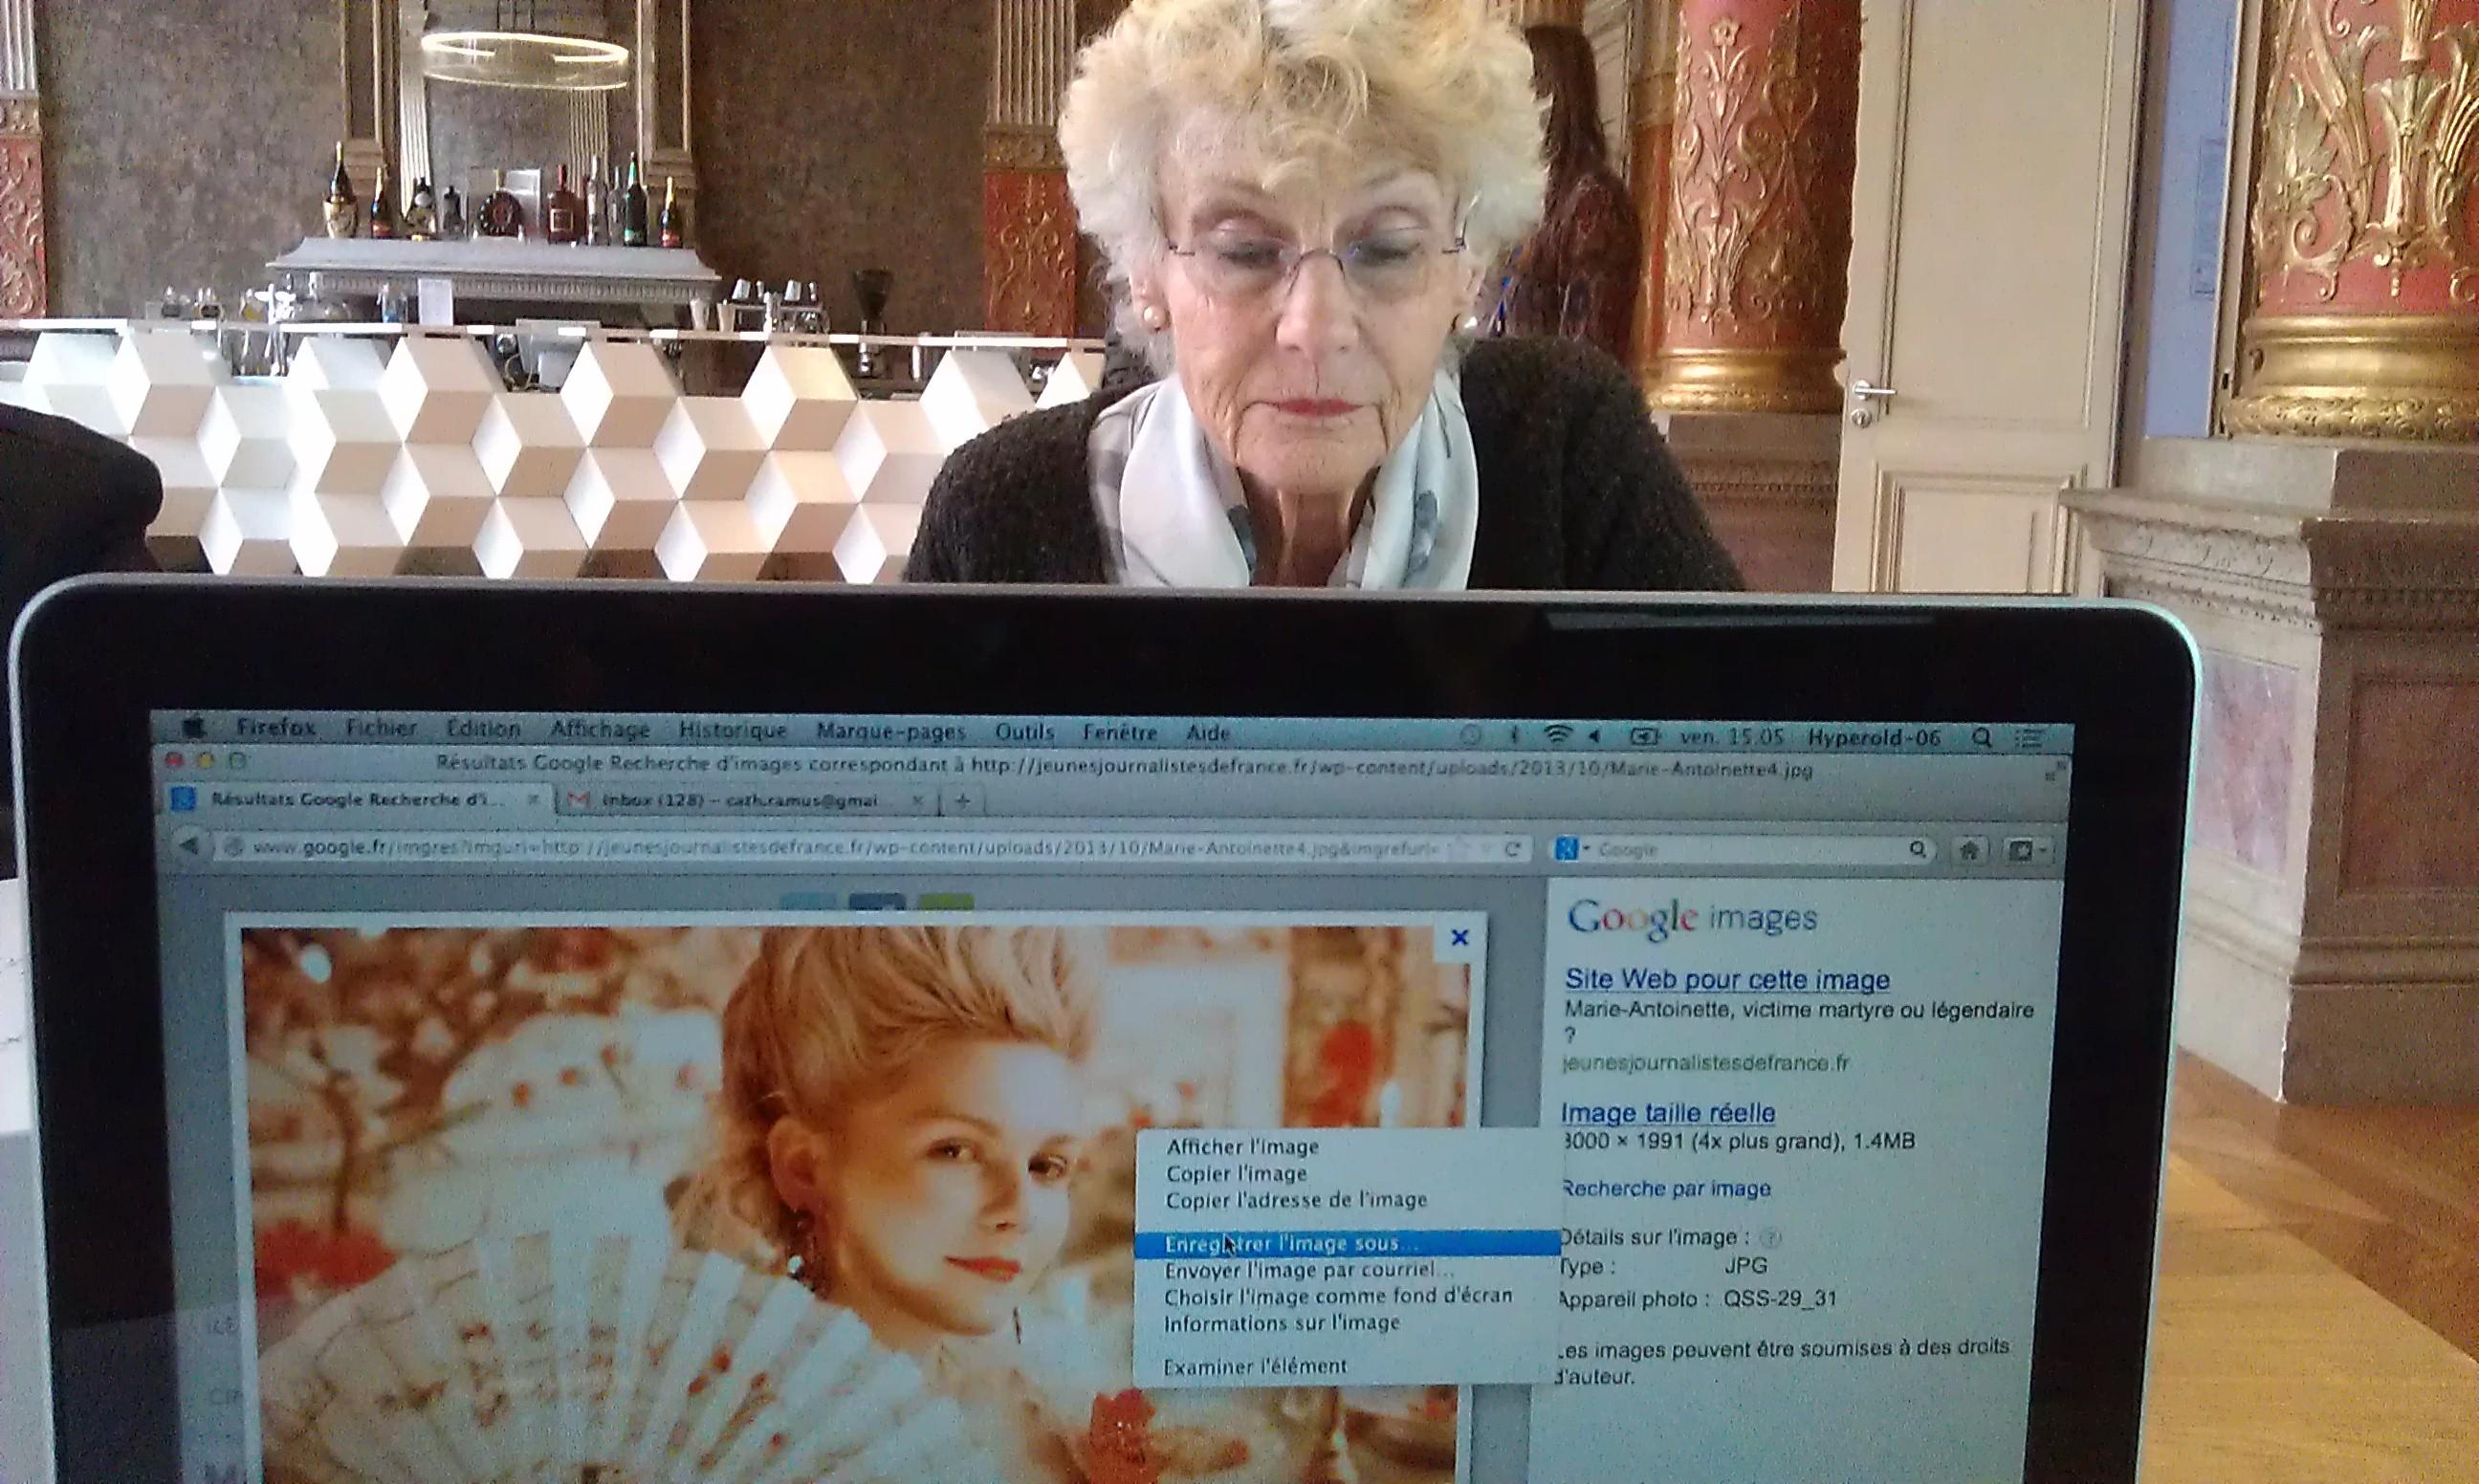 Nicole et Marie-Antoinette version web . Photo : F. Mit